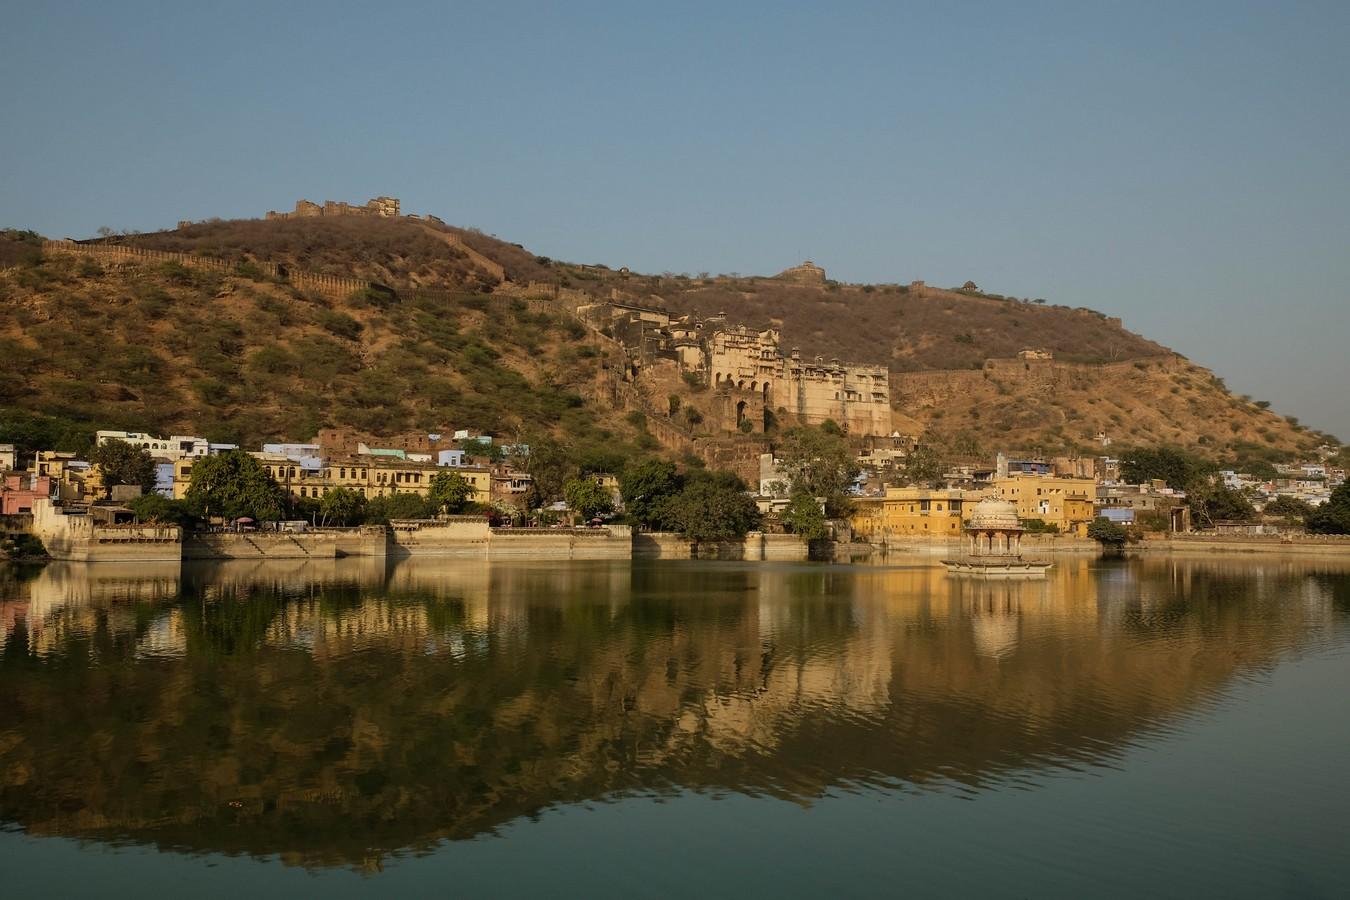 Vue du lac de Bundi sur le palais et le Taragarh fort